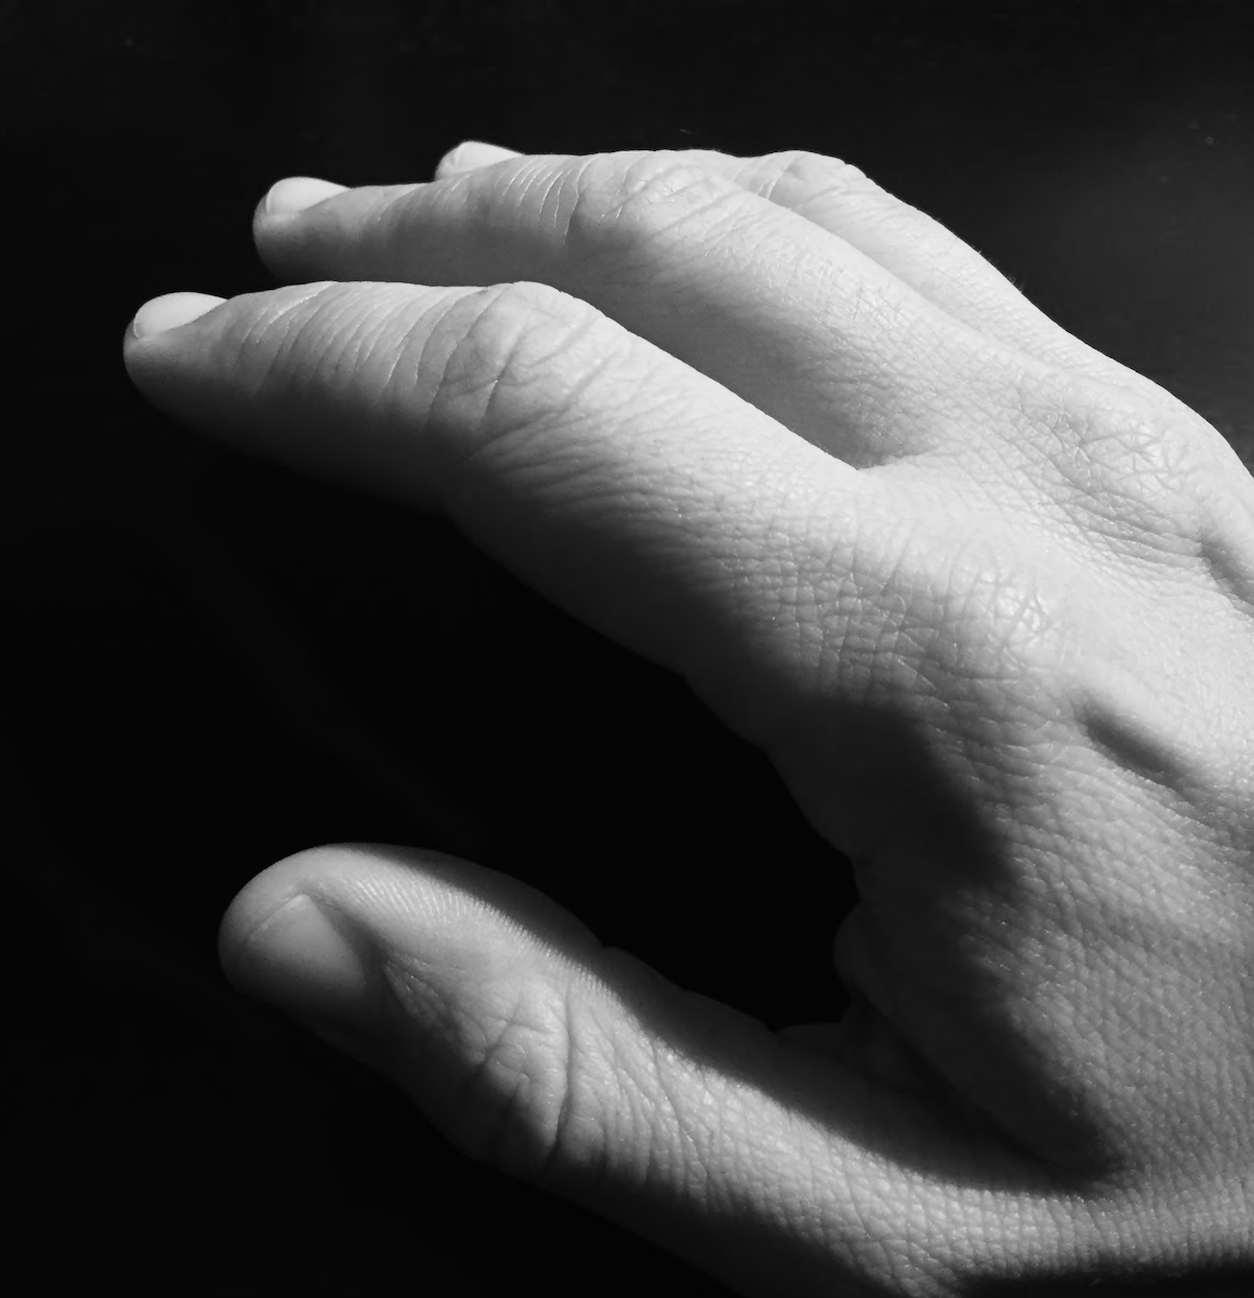 Reducir el temblor de manos en el uso de pantallas táctiles